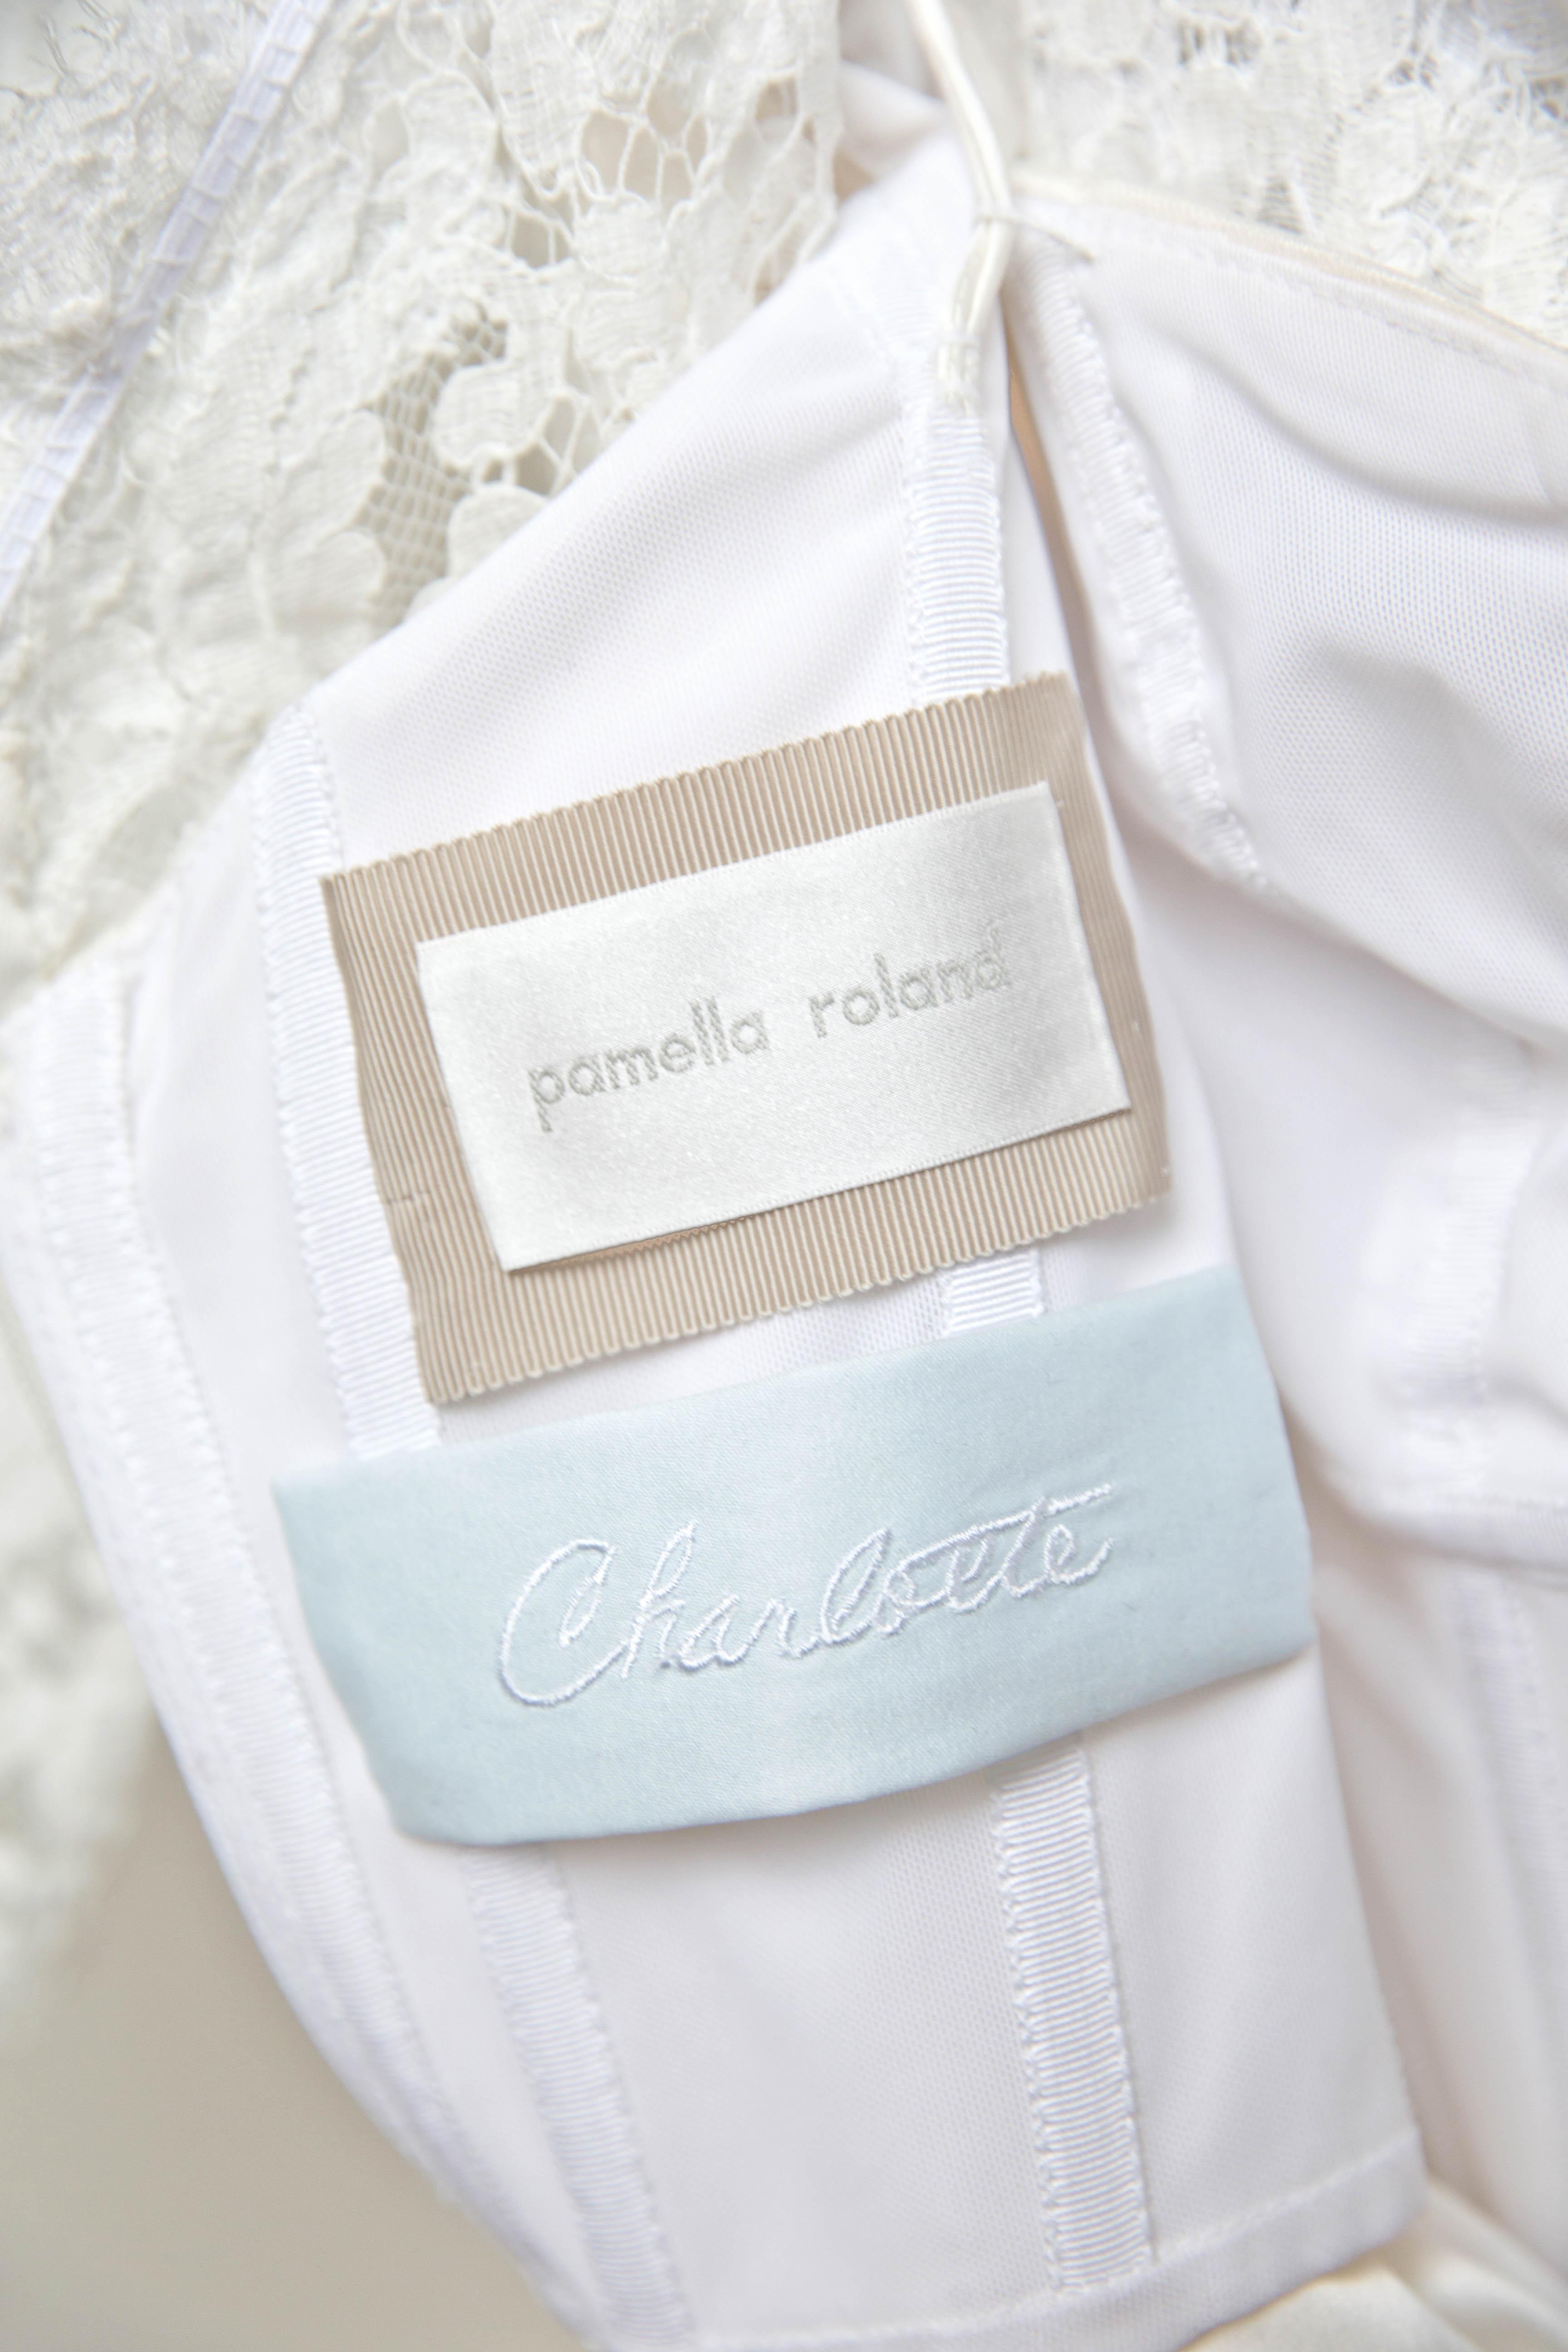 cass heath wedding dress label